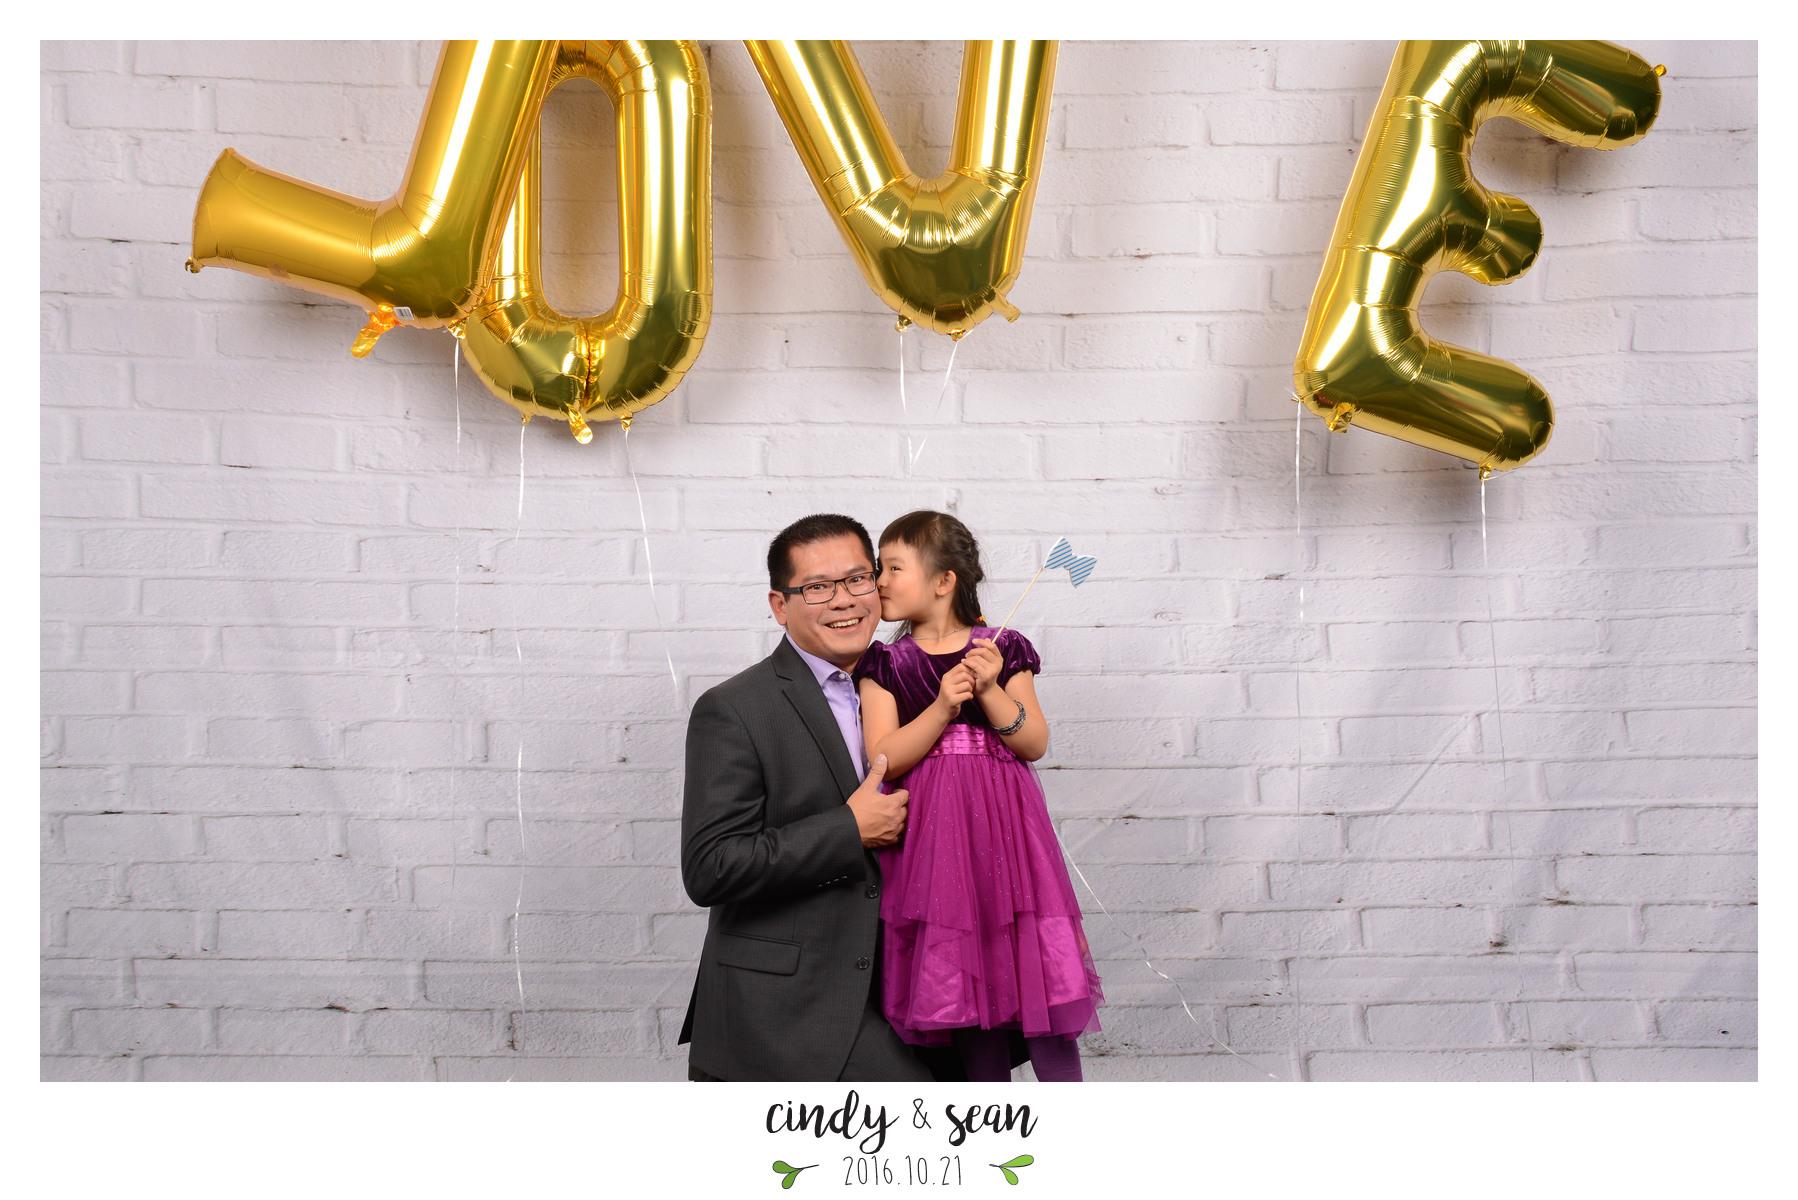 Cindy Sean Bae - 0001-140.jpg